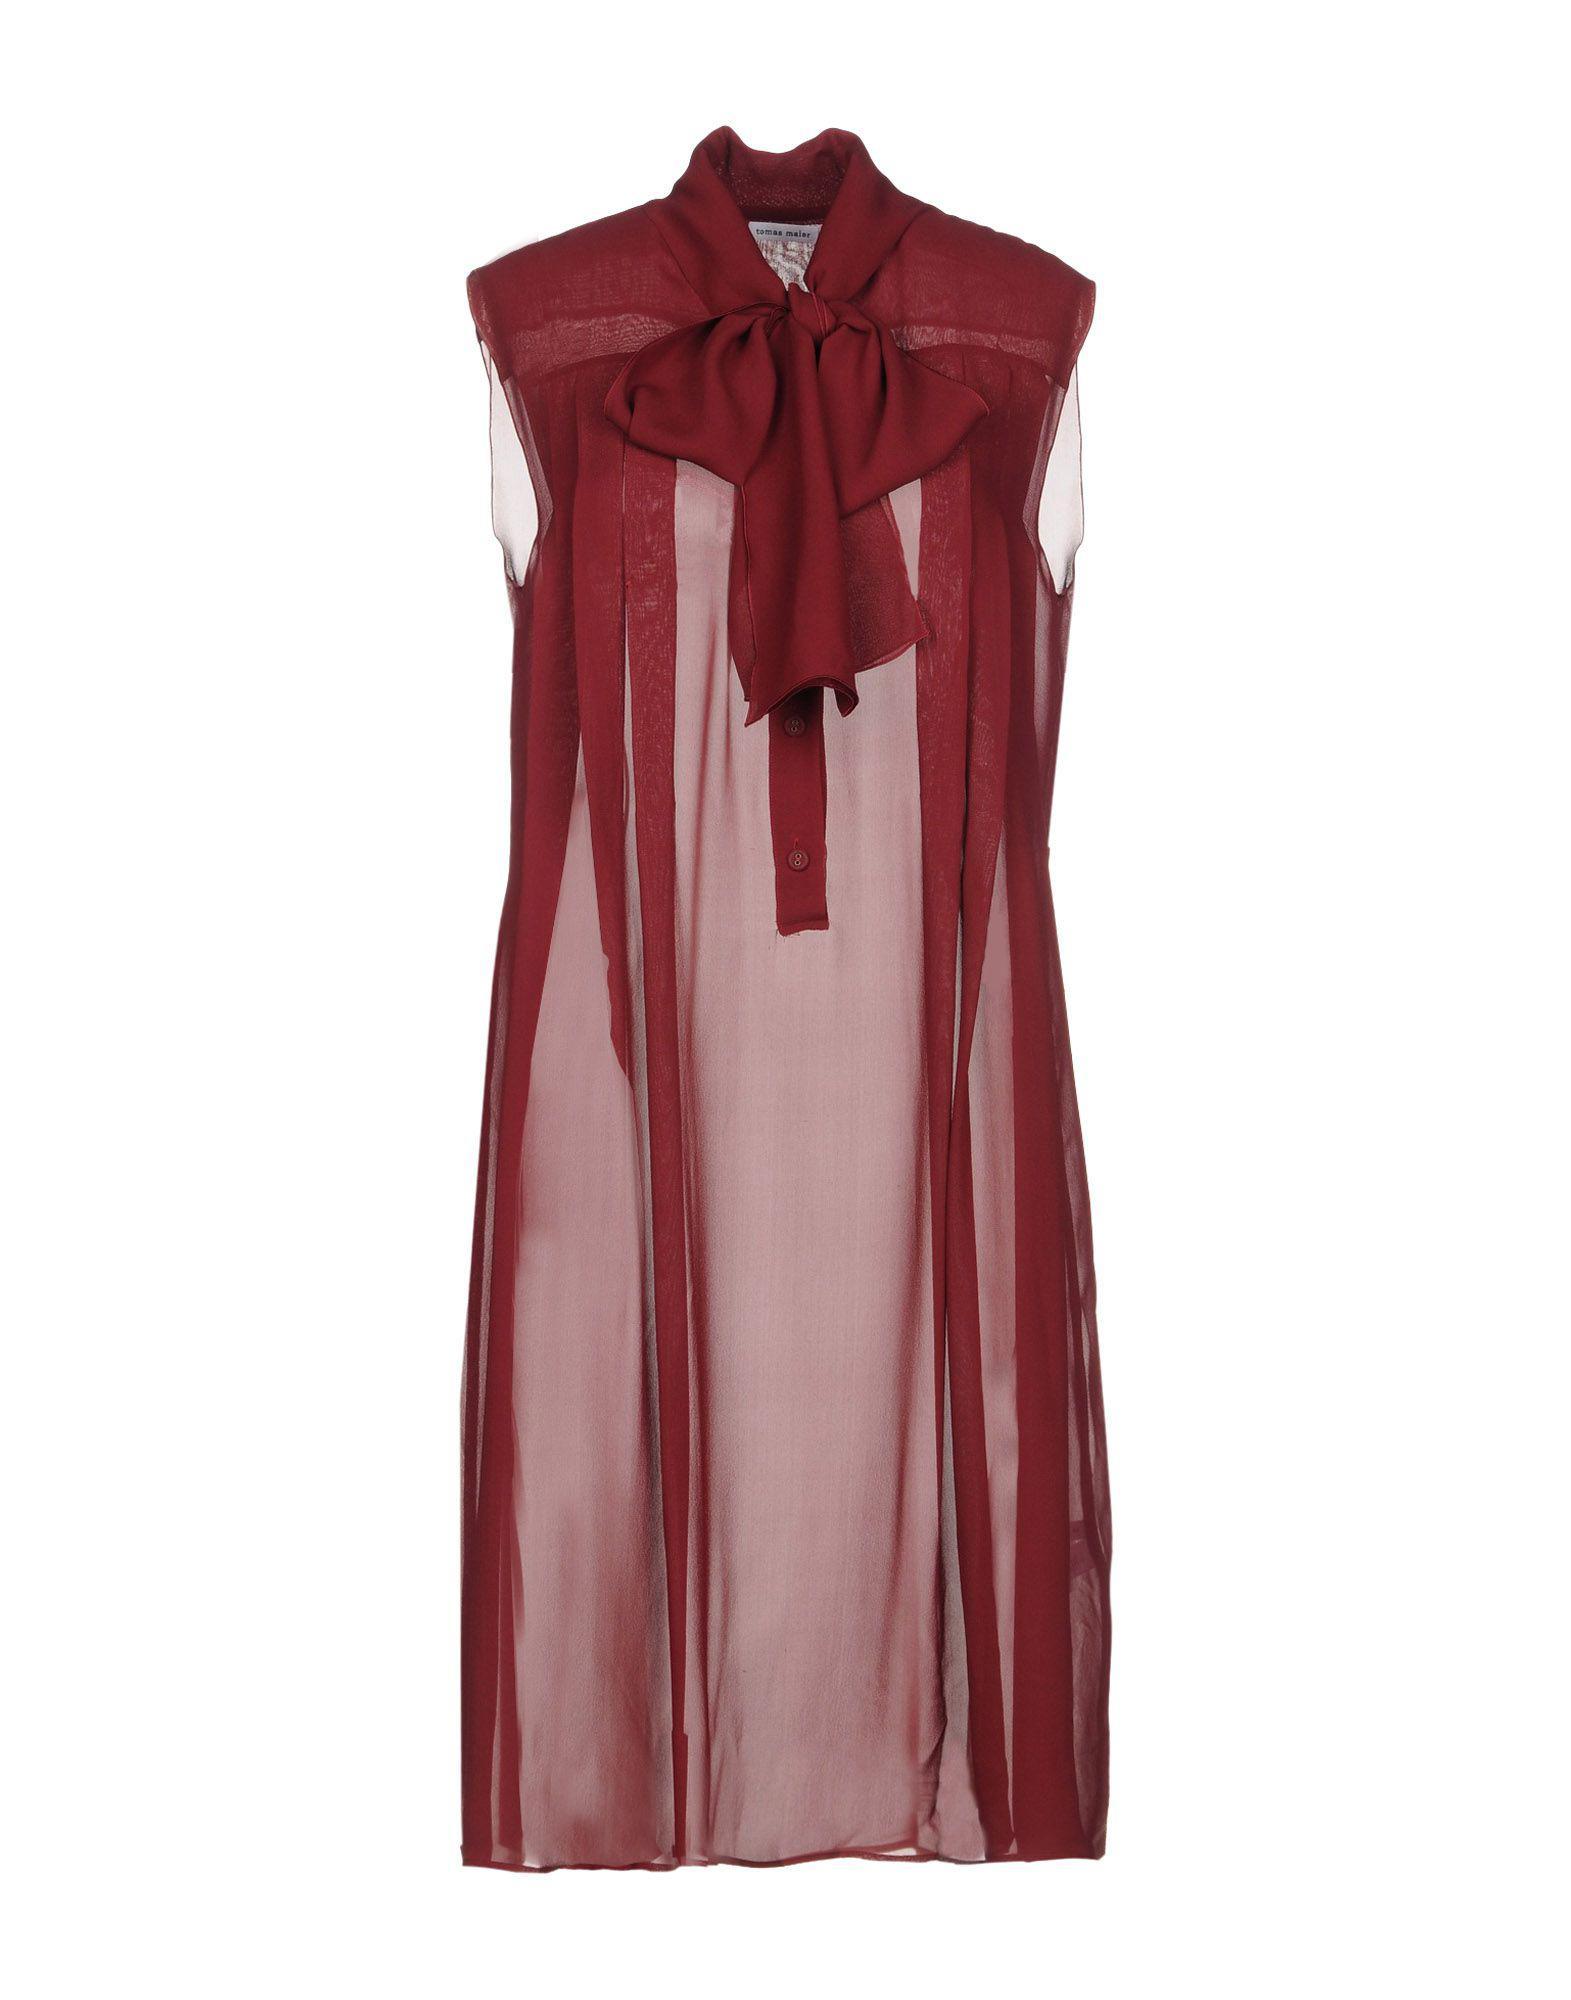 DRESSES - Knee-length dresses Tomas Maier Wm4ZomYae3